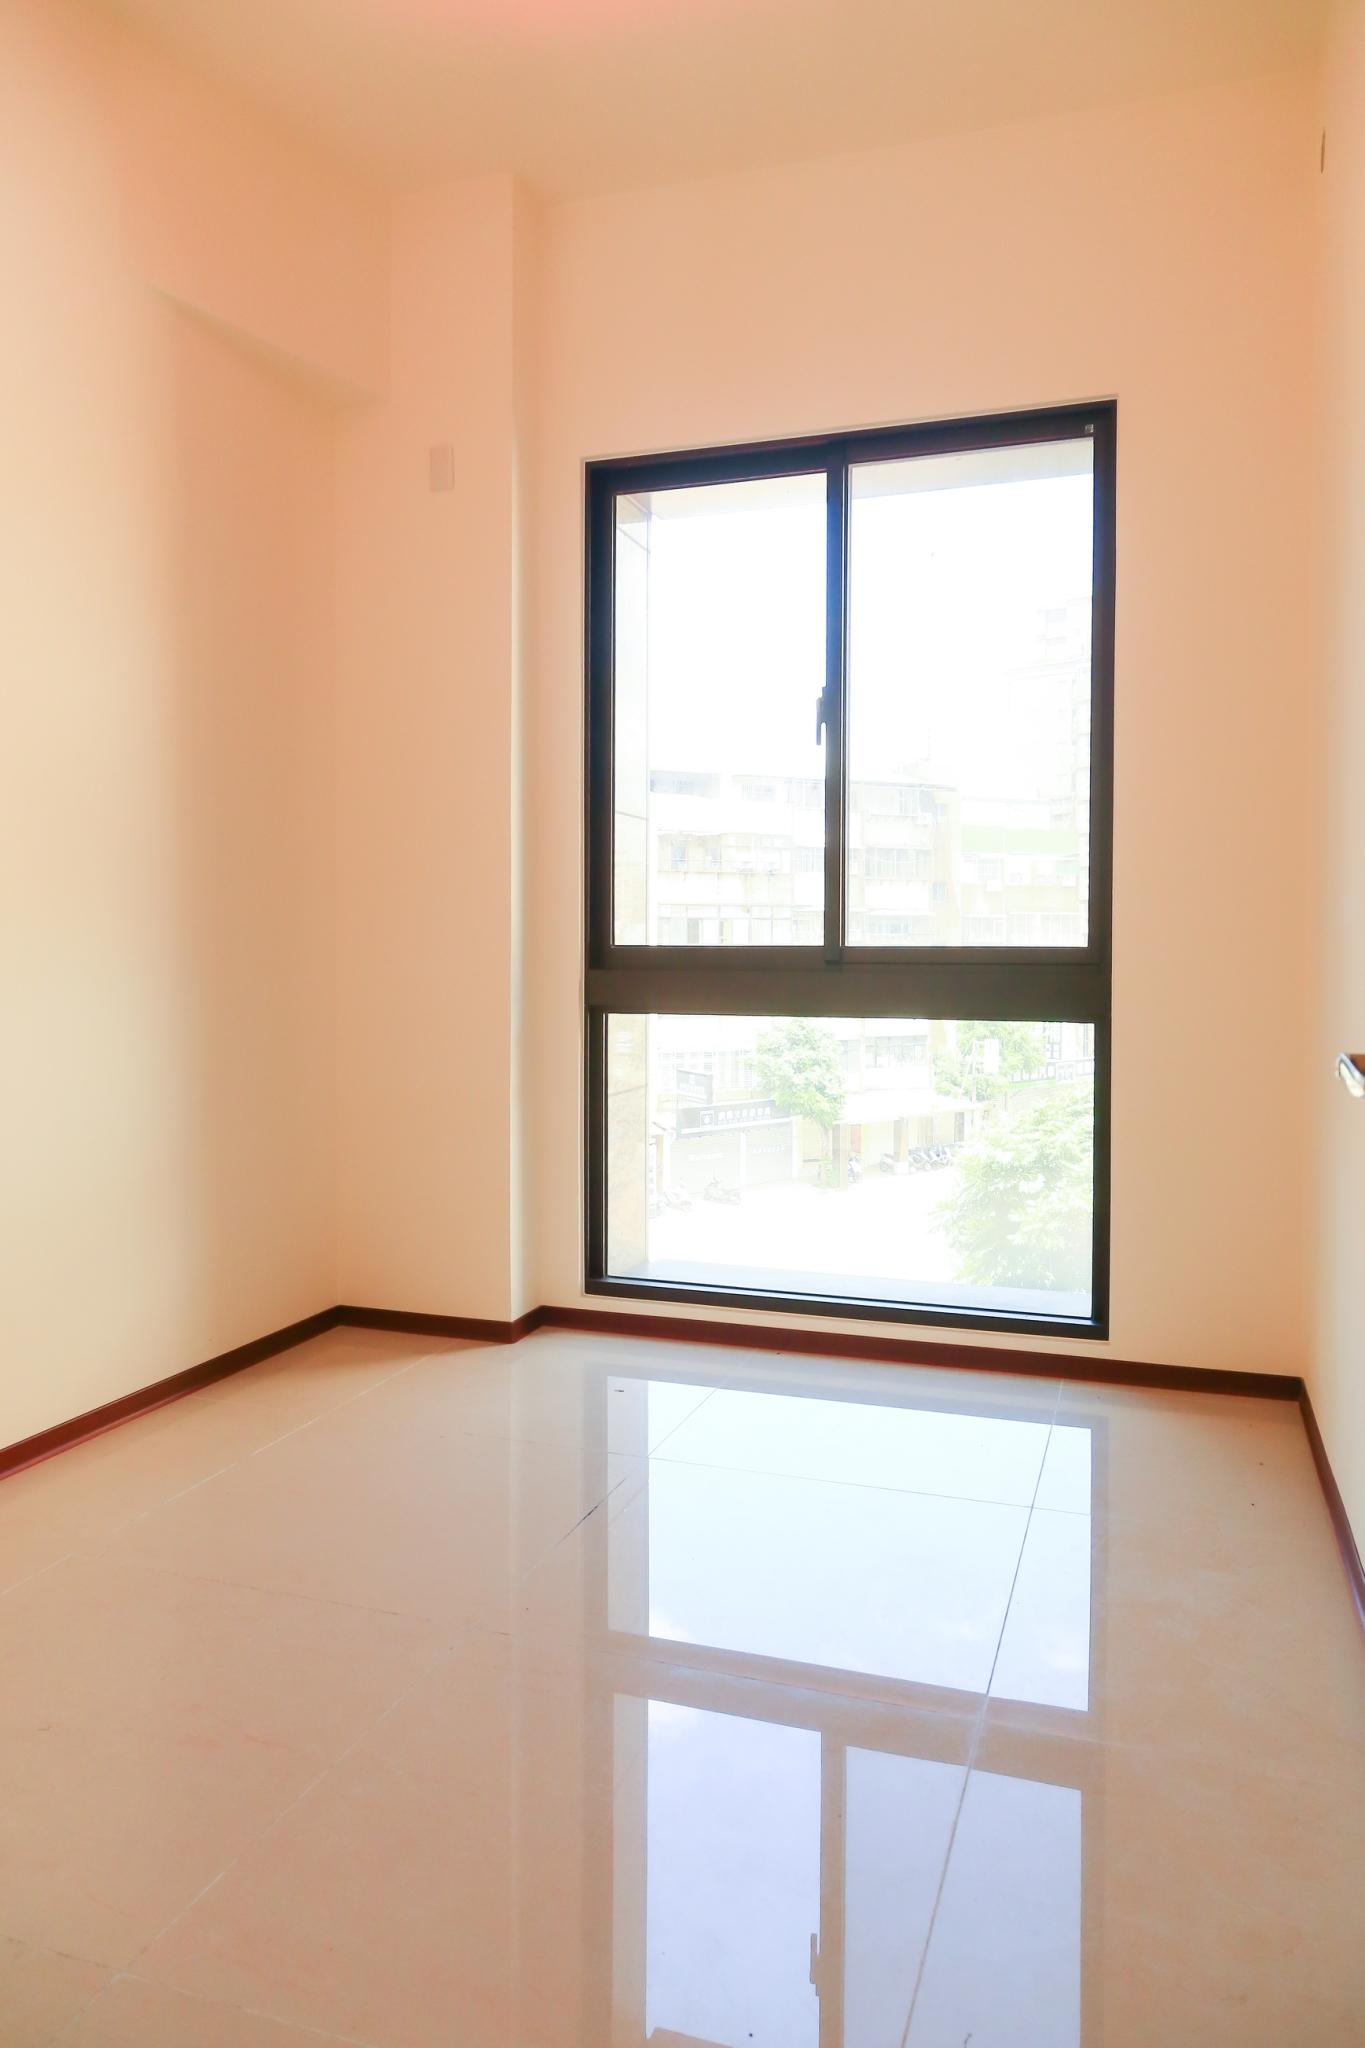 B085萬隆捷運碧園電梯2房 板橋買屋,店面,住商朱茂良0932-224-646